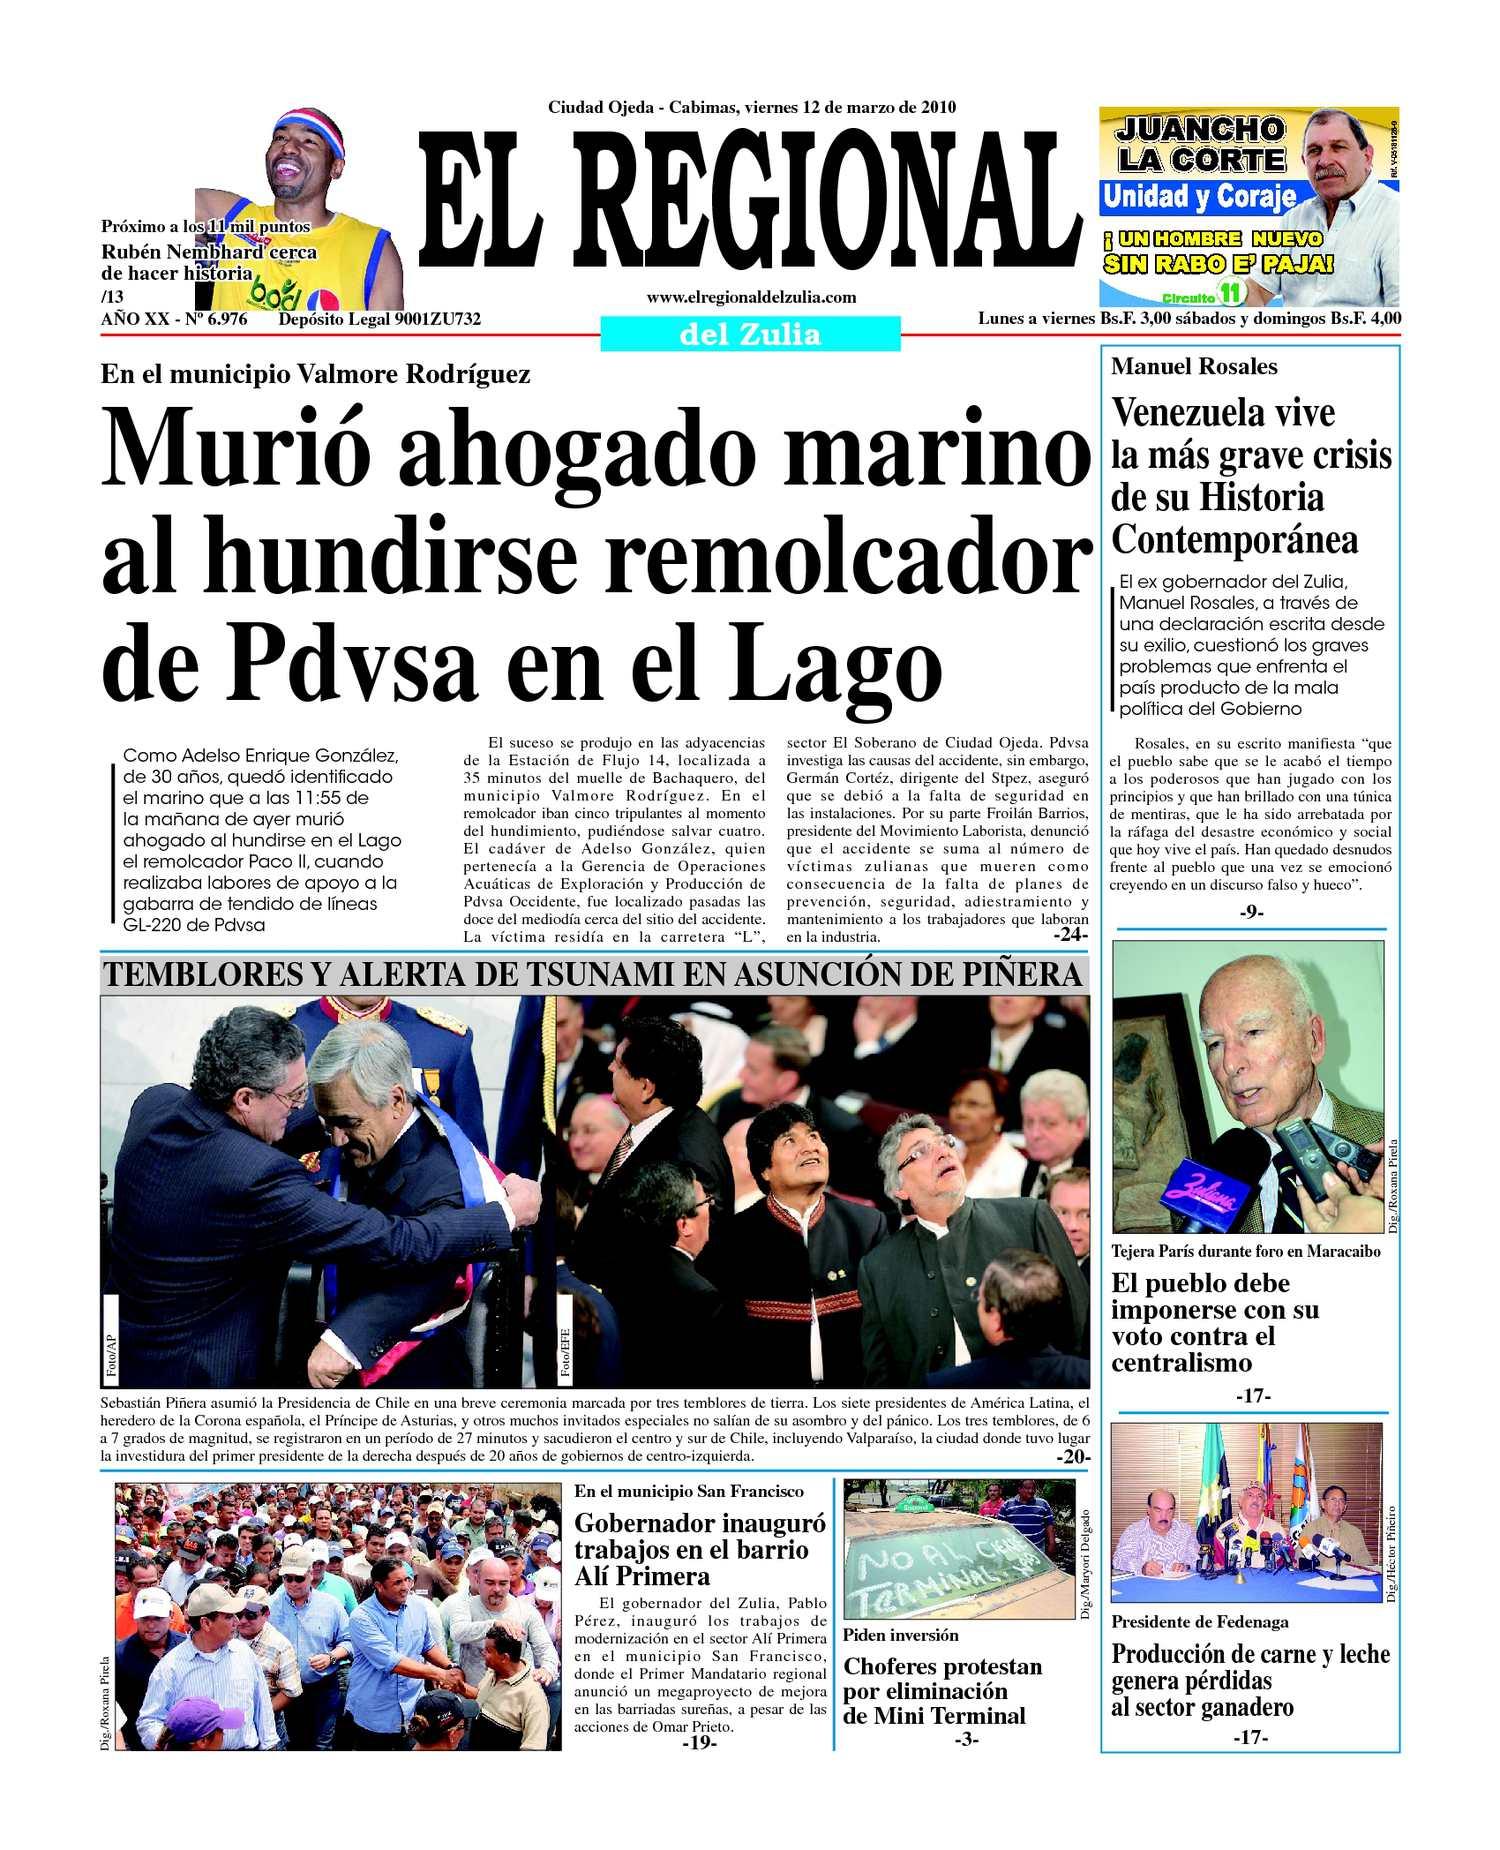 El Regional del Zulia 12-03-2010